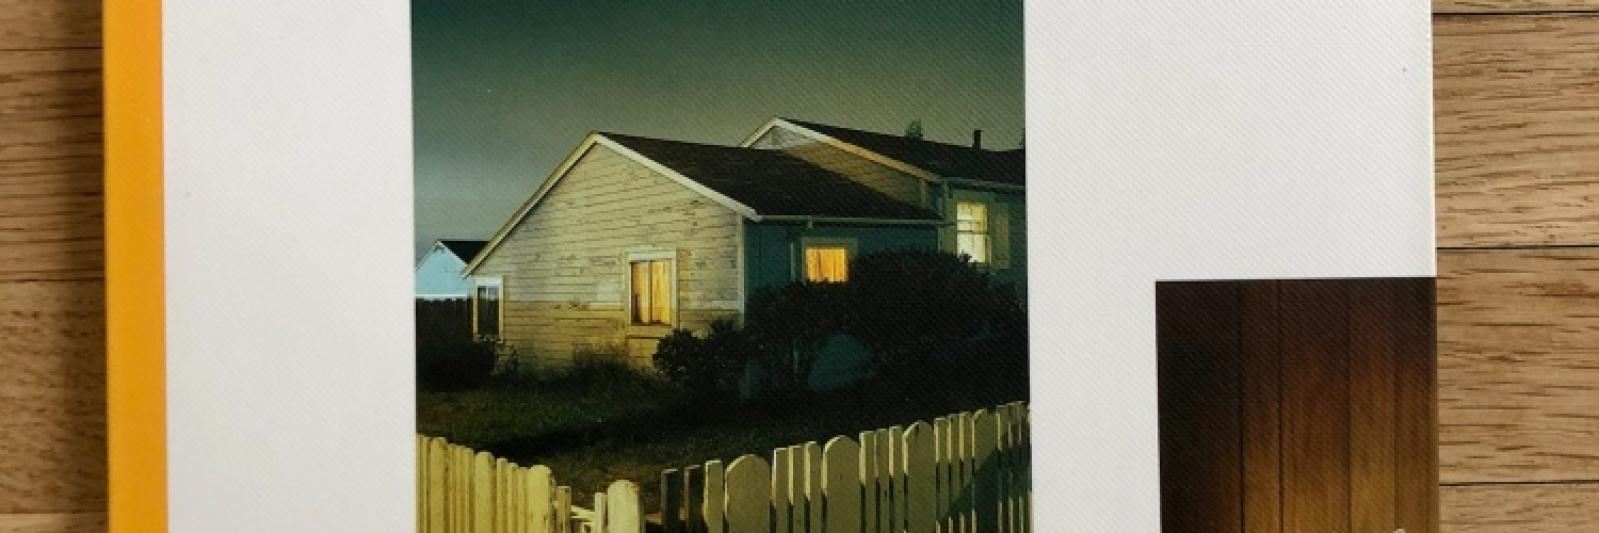 B come Book- Paesaggi, Interni e Nudi, Todd Hido